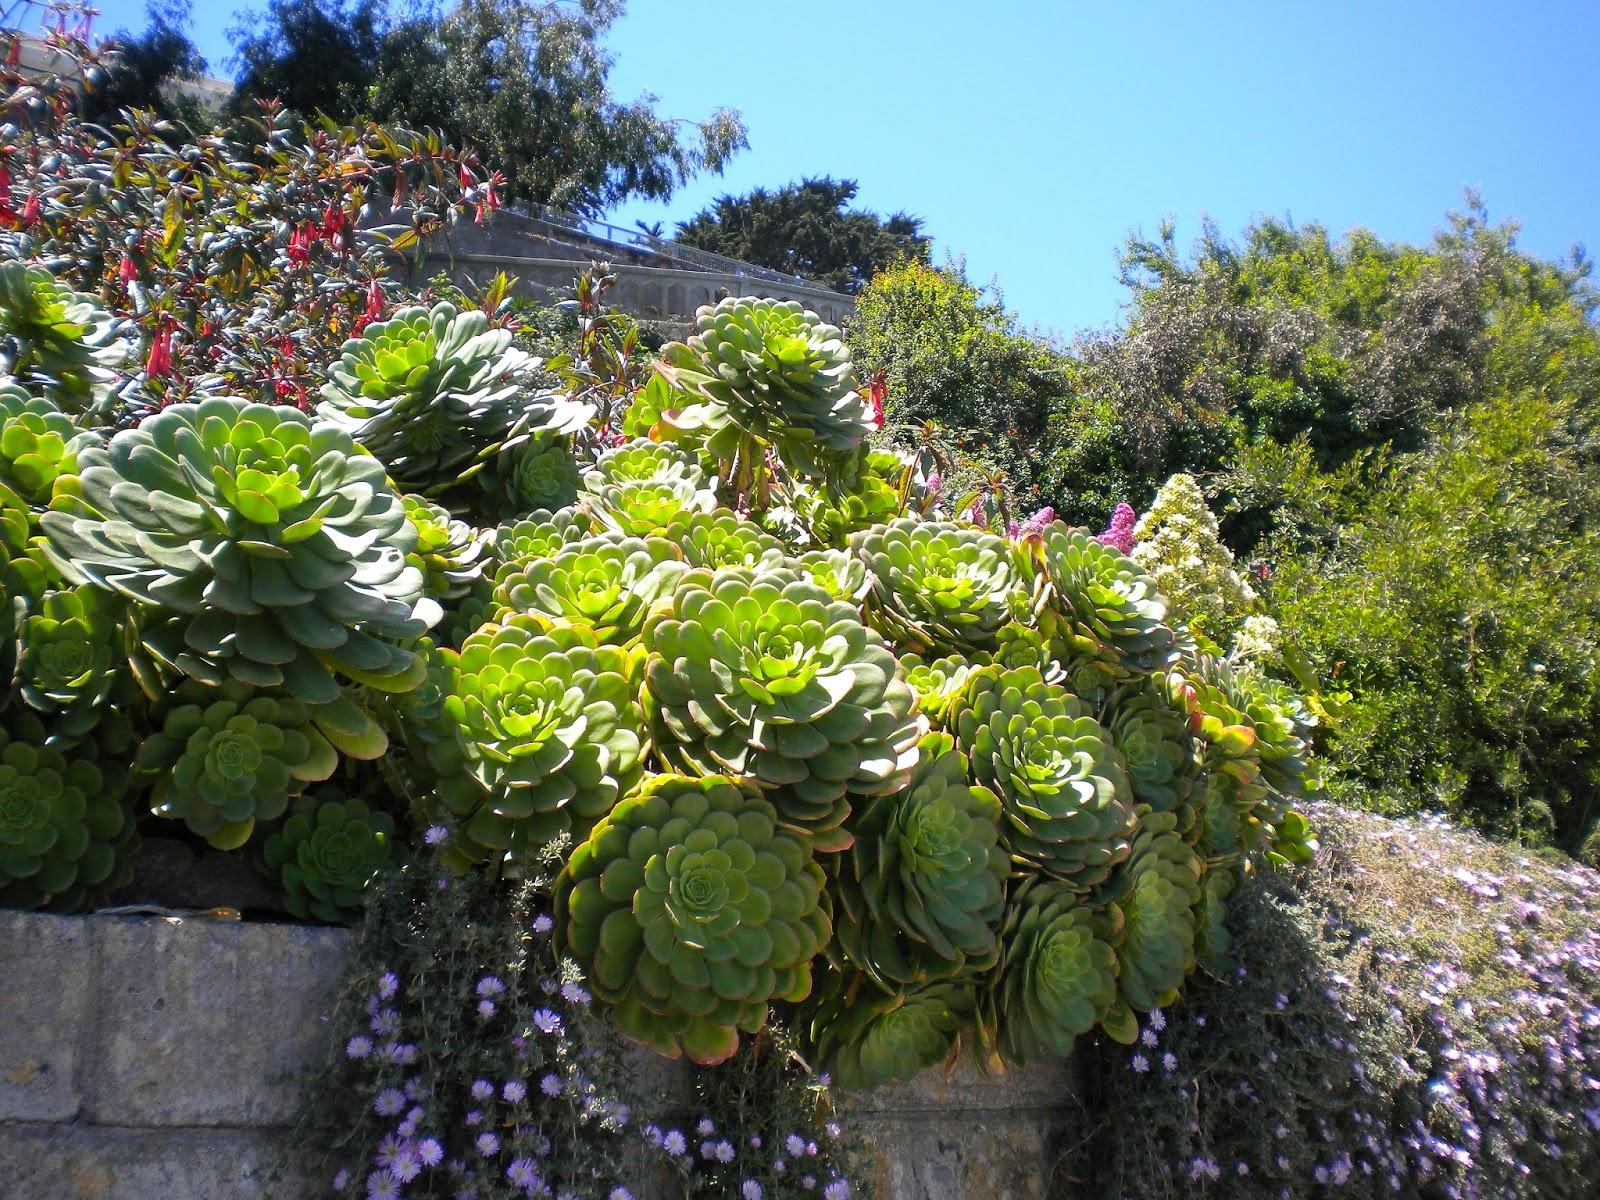 alcatraz the rock prison island vankilasaari san francisco matkailu matkajuttu mallaspulla kaktus